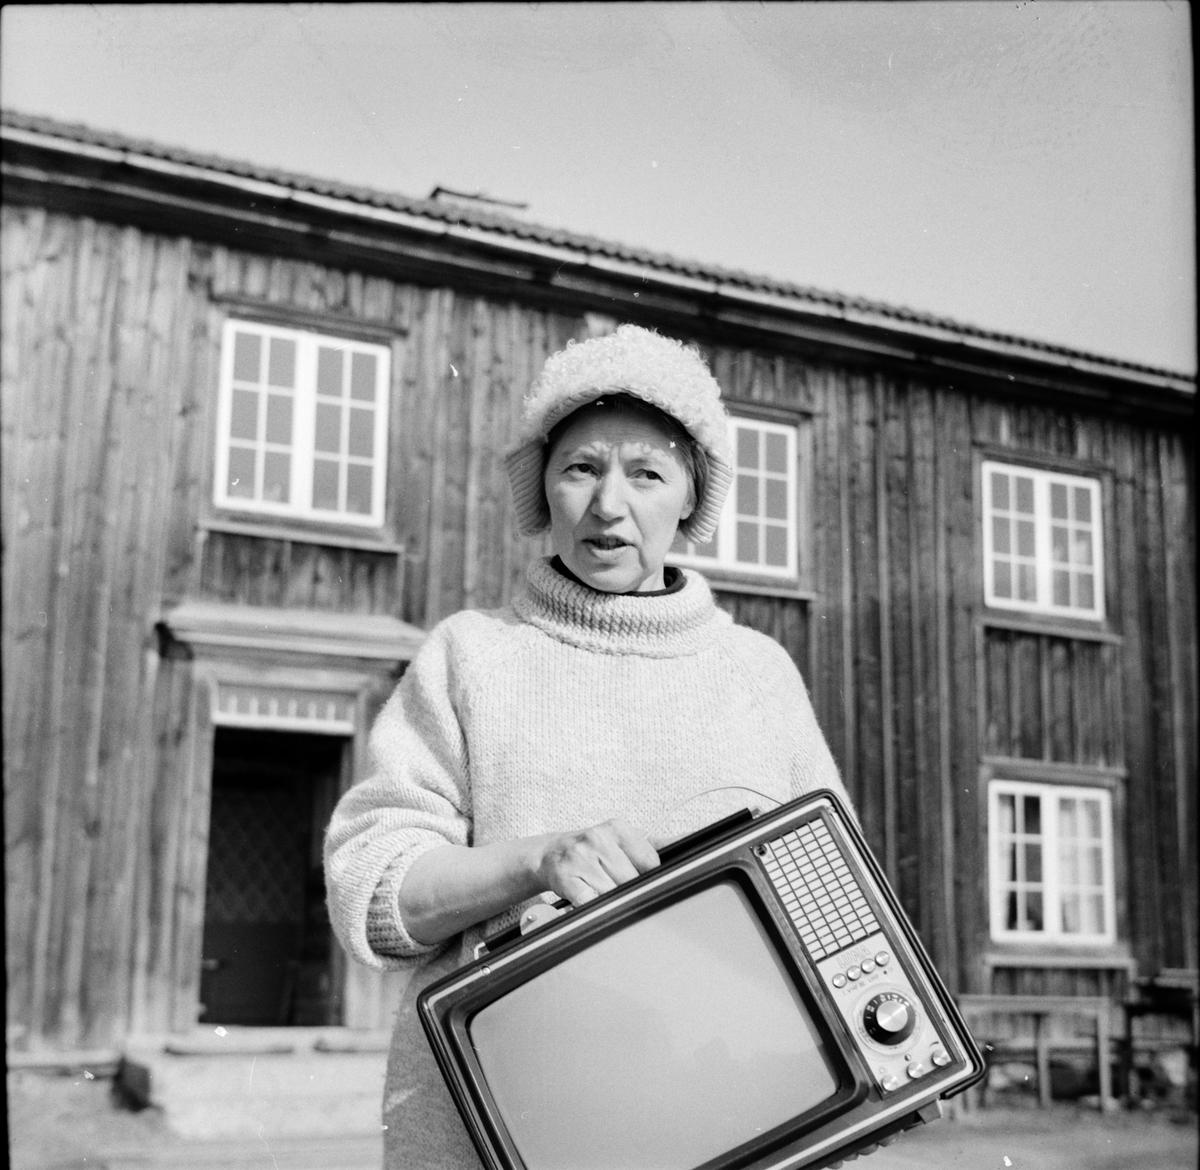 Arbrå, Träslottet rustar upp, 23 April 1969